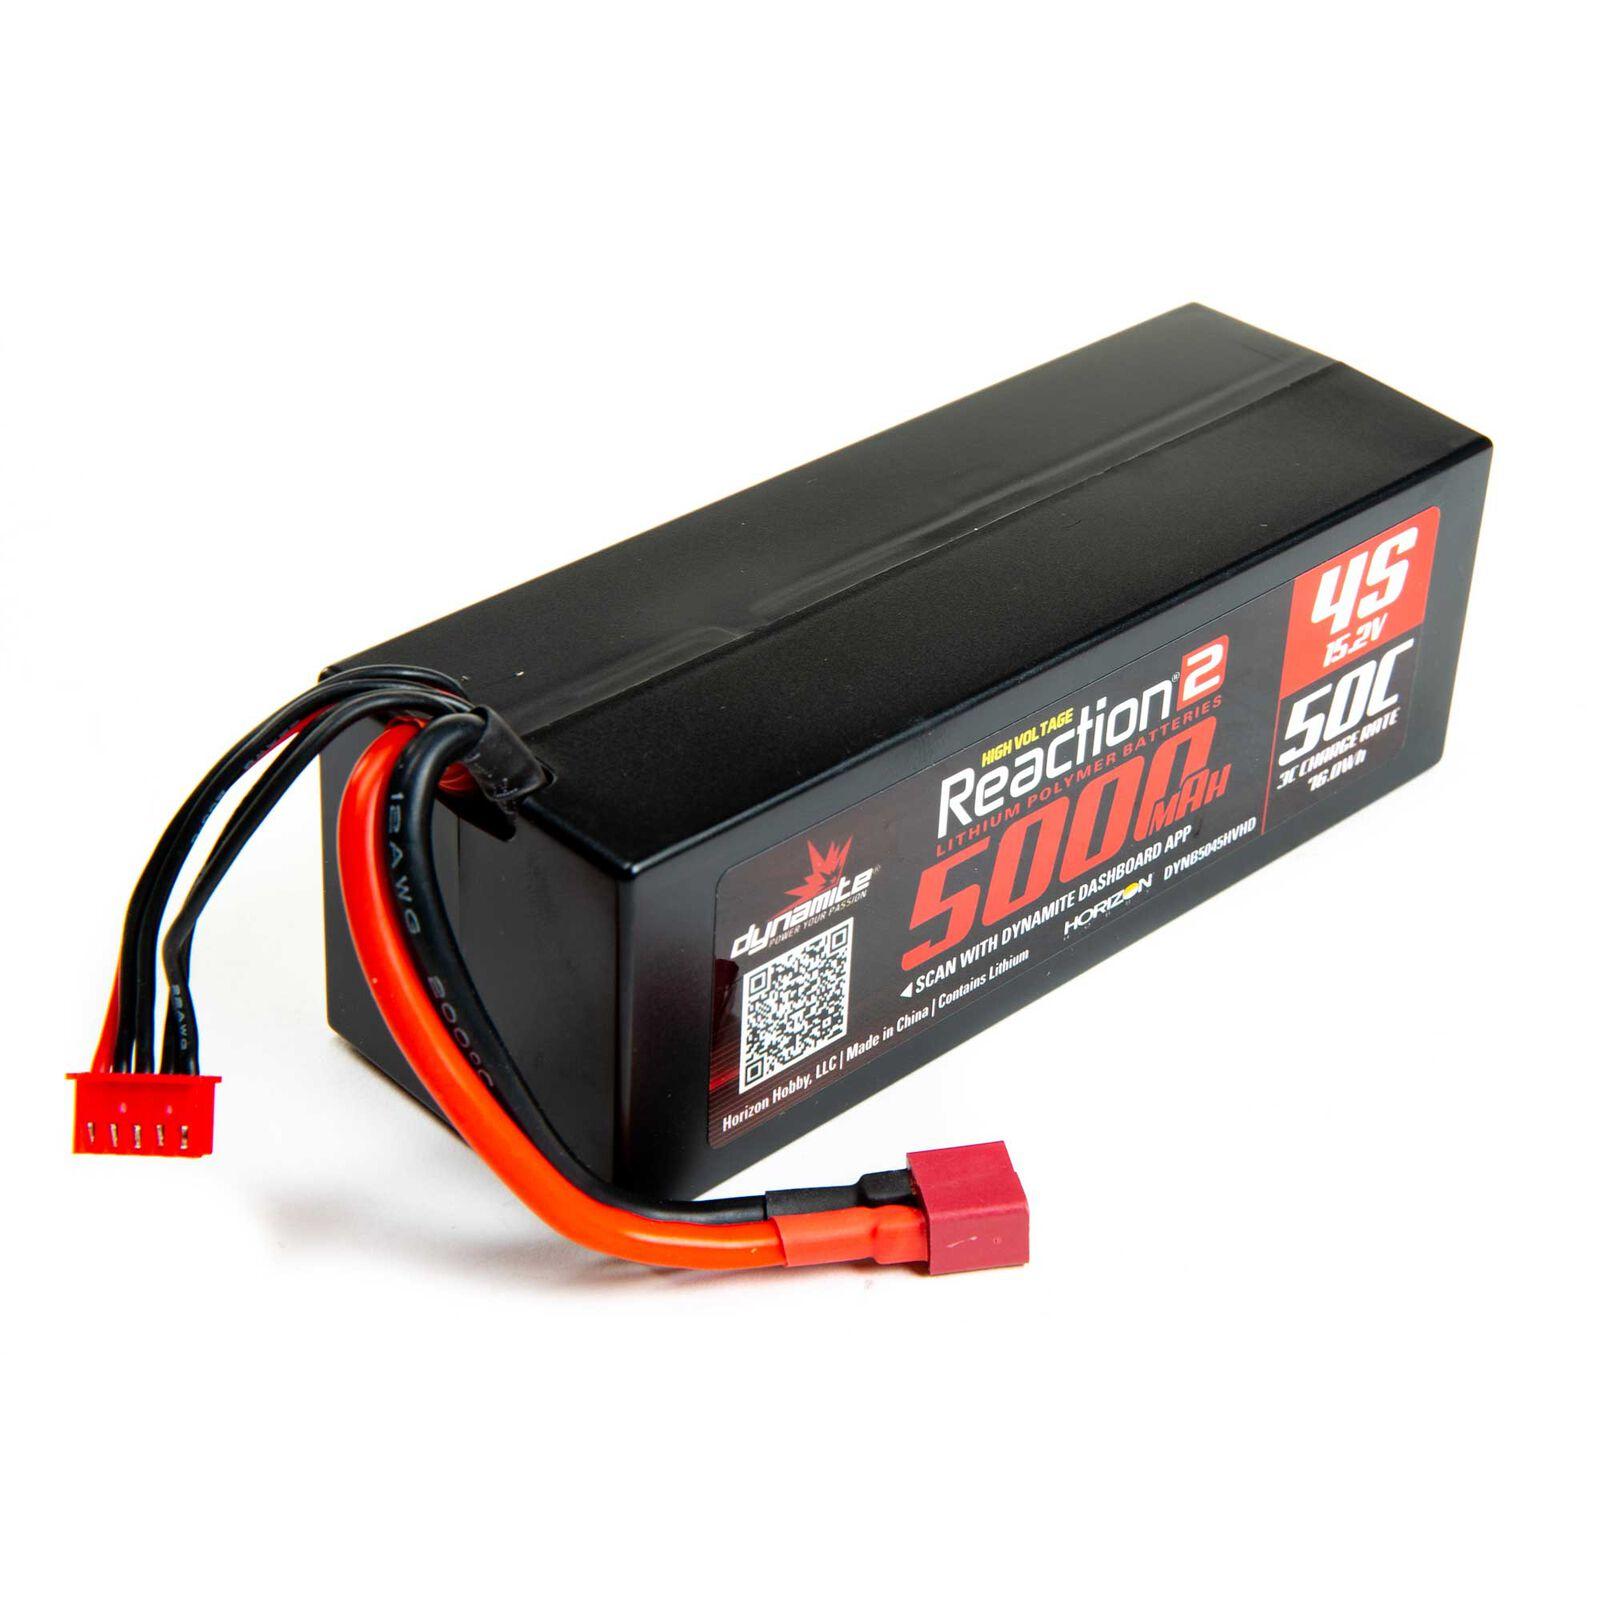 15.2V 5000mAh 4S 50C Reaction 2.0 Hardcase HV-LiPo Battery: Deans